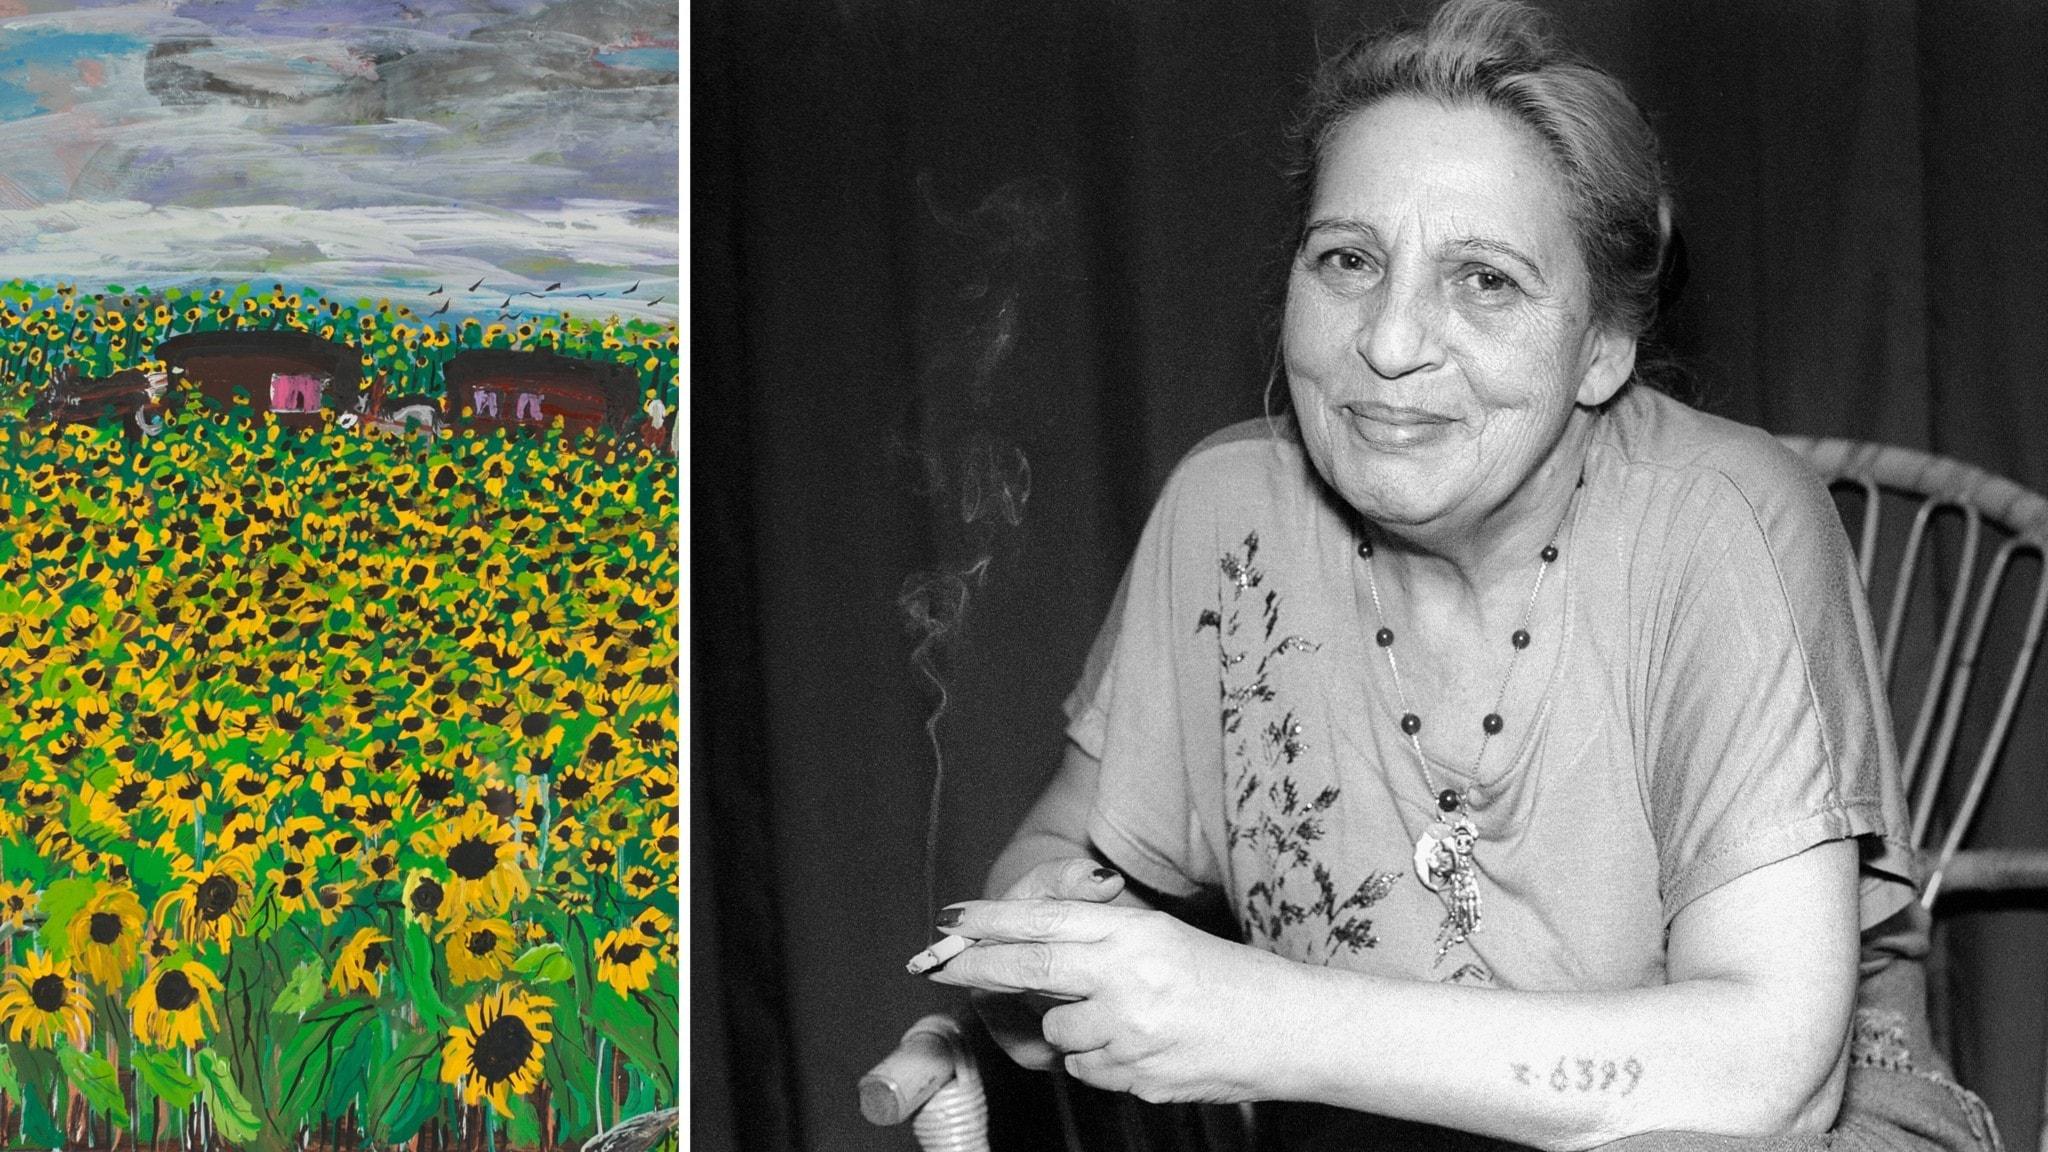 """Till vänster målningen """"Reisen in Sommer durch die Sonnenblumen"""" (beskuren), till höger konstnären Ceija Stojka."""